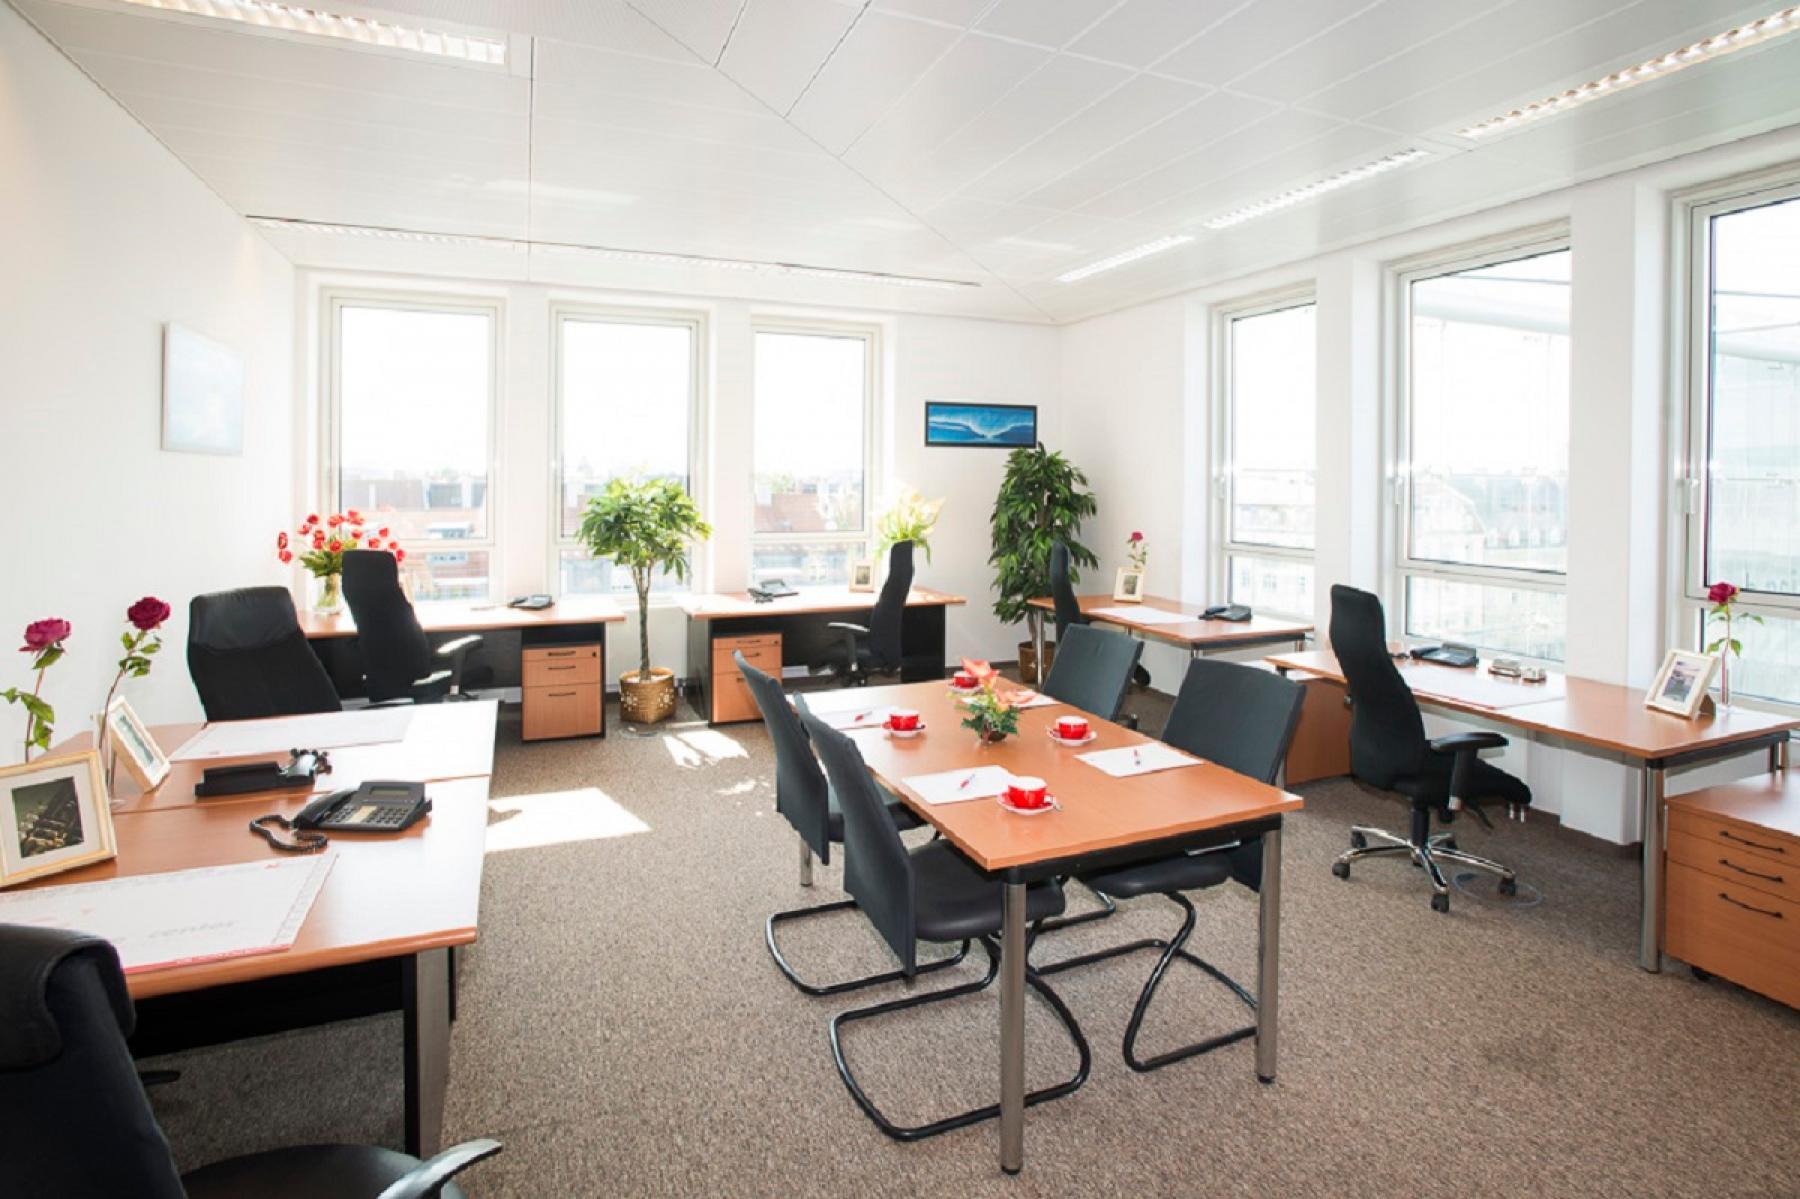 Büro mieten Landshuter Allee 8-10, München (10)